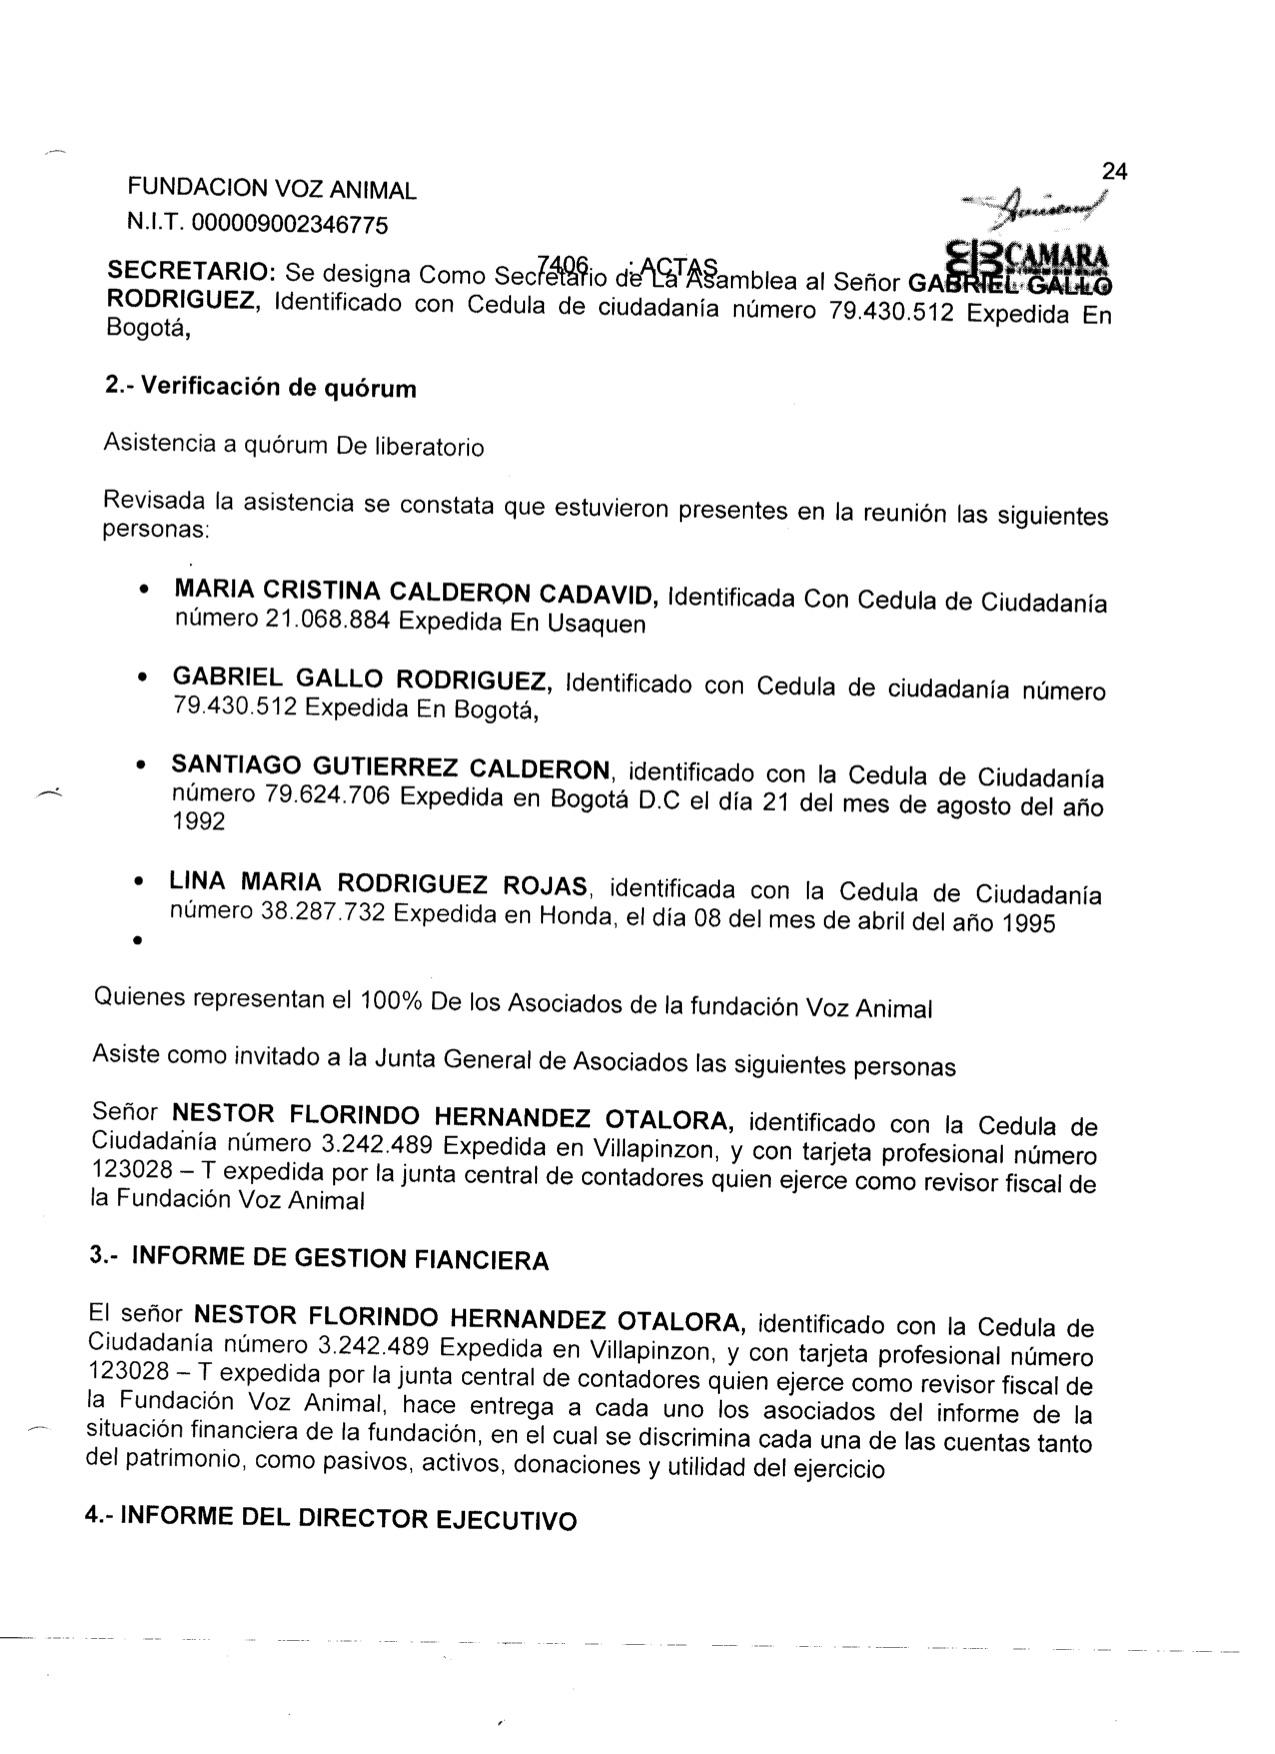 7. ACTA ASAMBLEA DE SOCIOS 2018 2